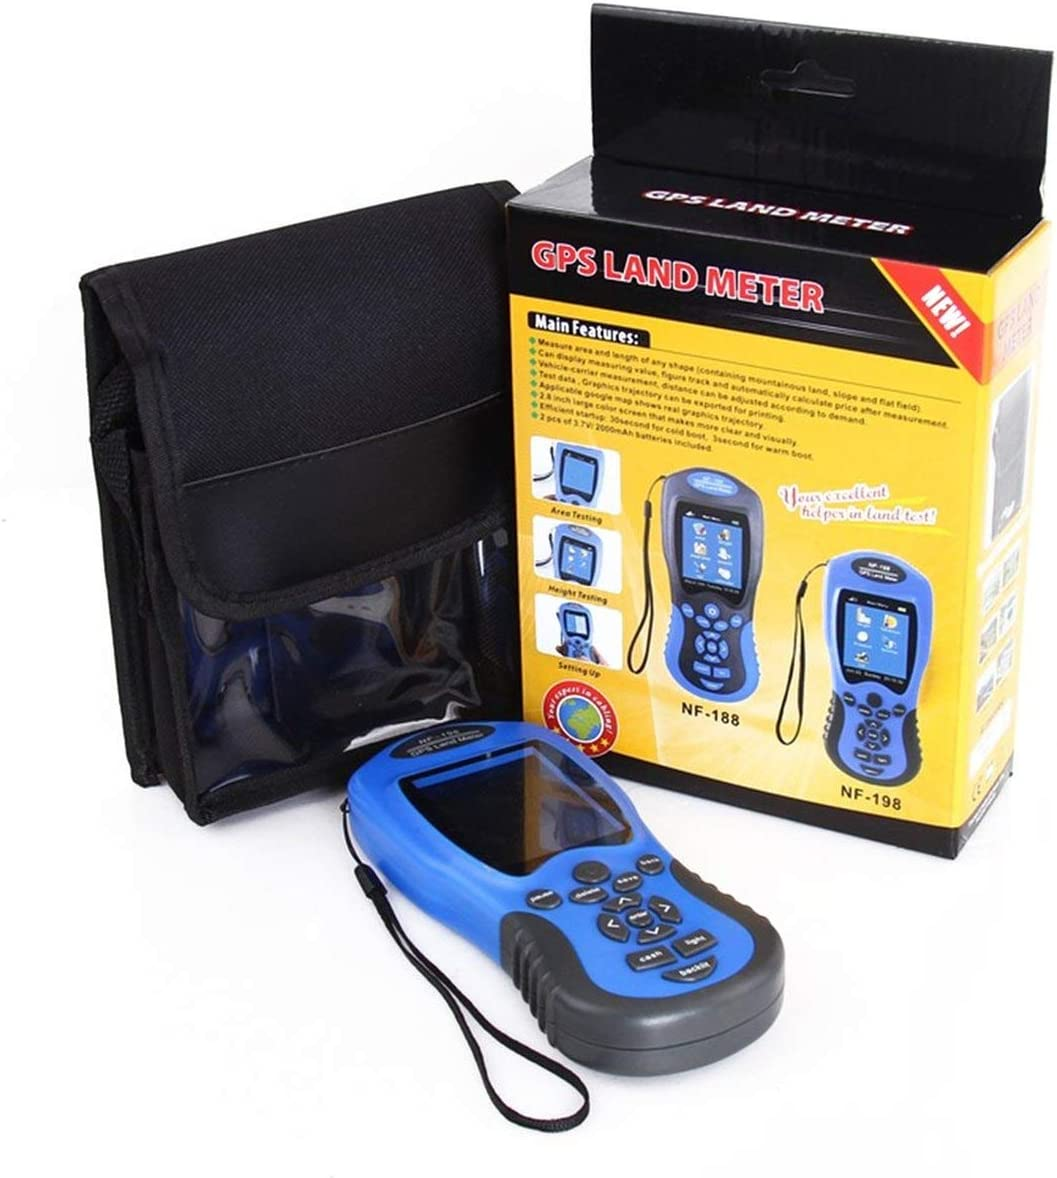 FEKETEUKI Dispositivos de Prueba GPS NF-198 Medidor GPS terrestre Pantalla LCD Valor de medición Figura Ãrea de topografía y mapeo de Tierras agrícolas Medición-Azul-1 Tamaño